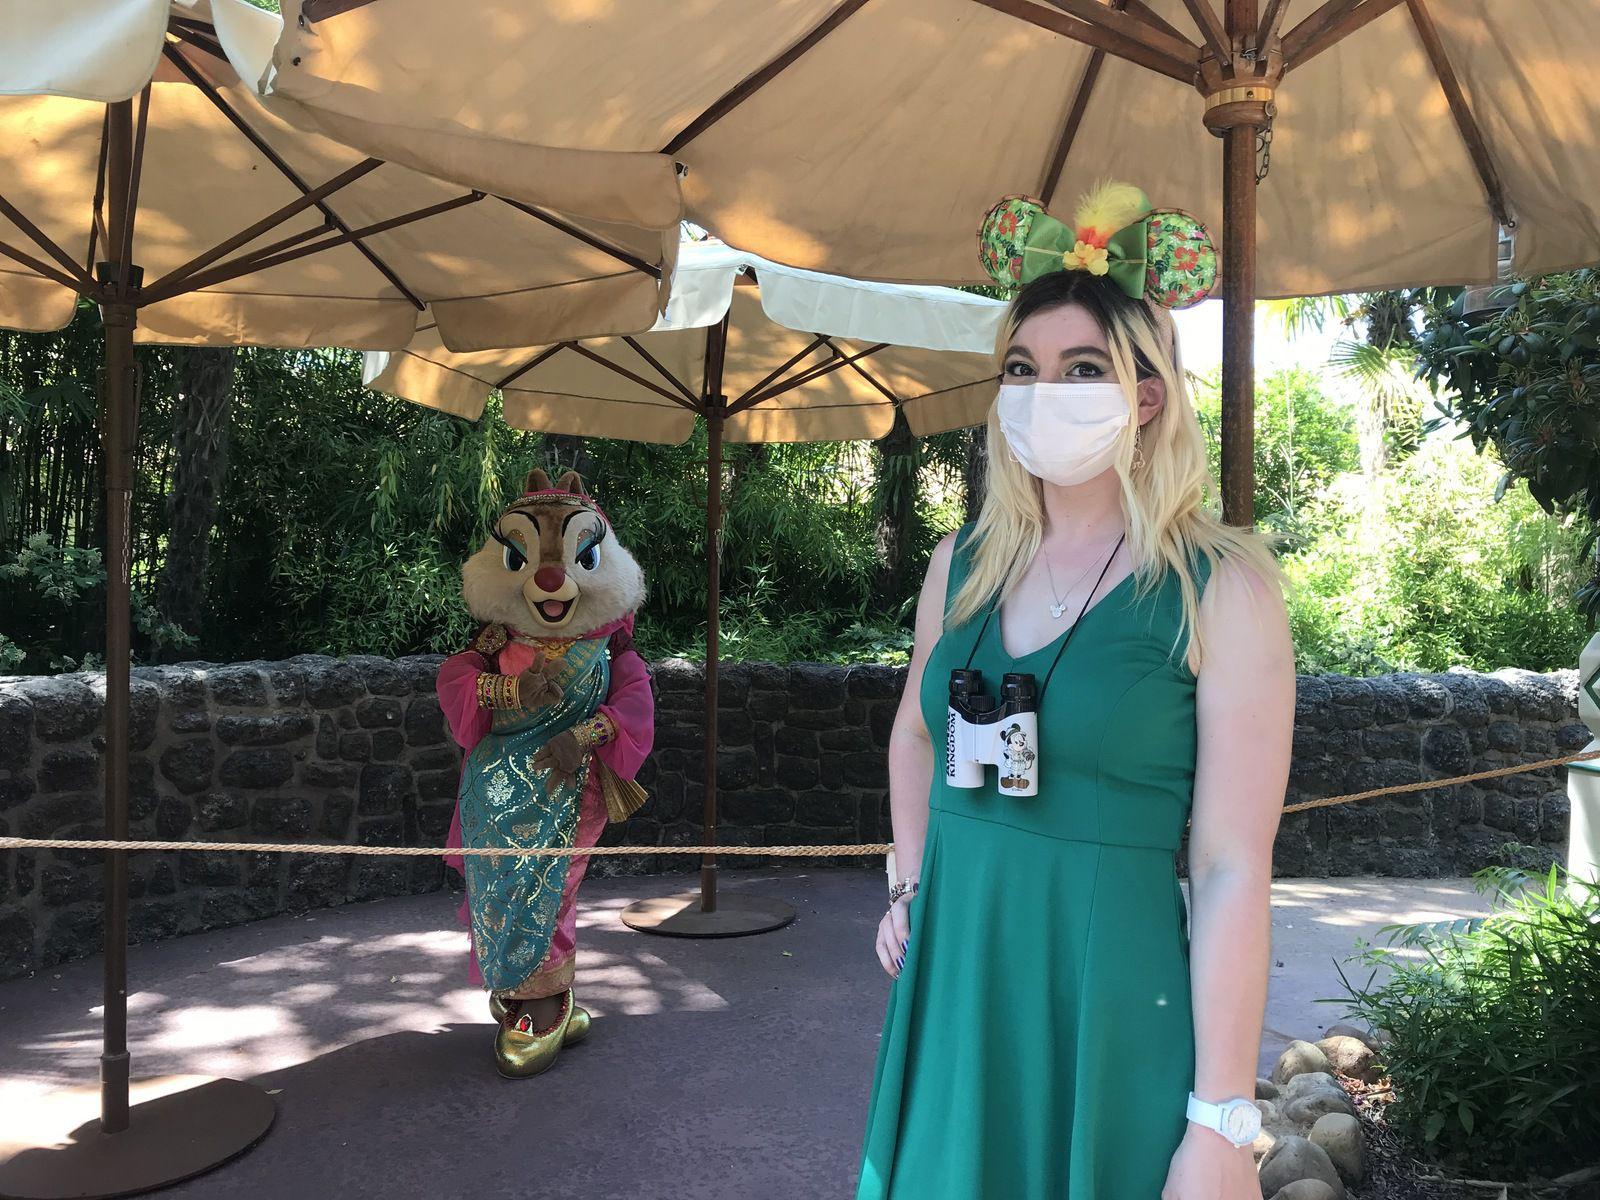 La réouverture de Disneyland Paris après 8 mois de fermeture !